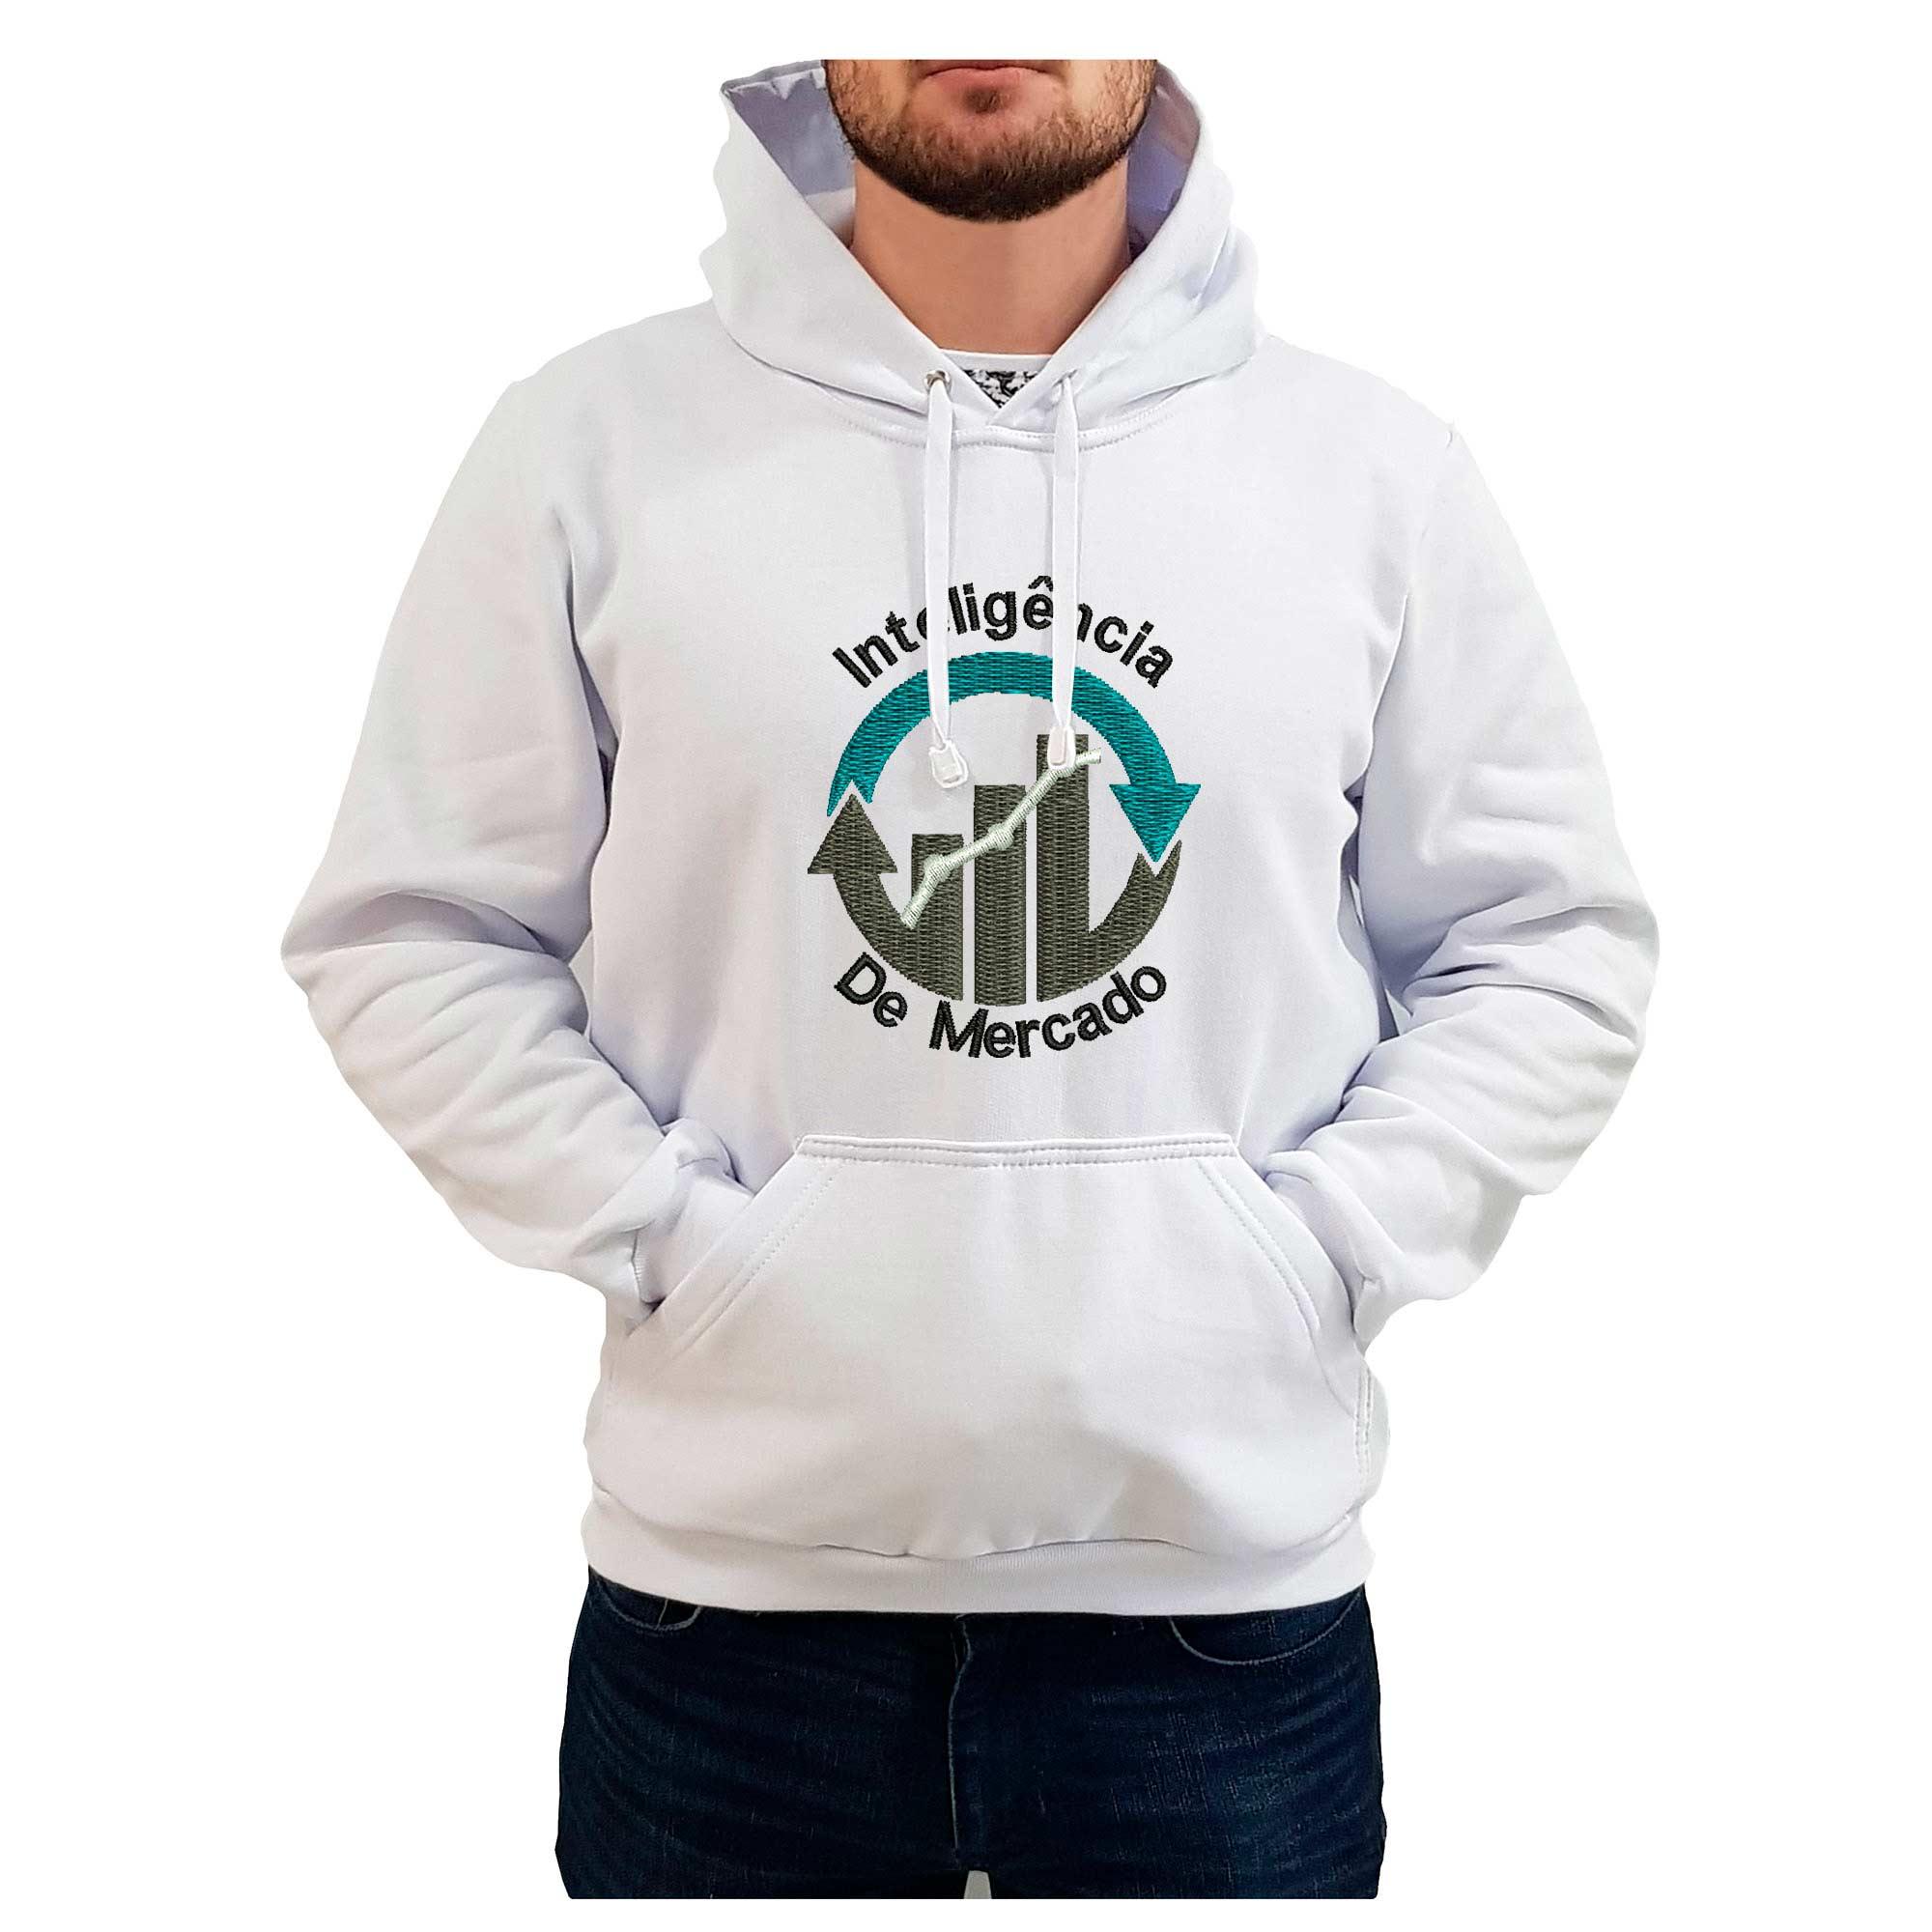 Moletom Bordado Masculino Simbolo Logo Inteligencia de Mercado  - Talysmã Bordados